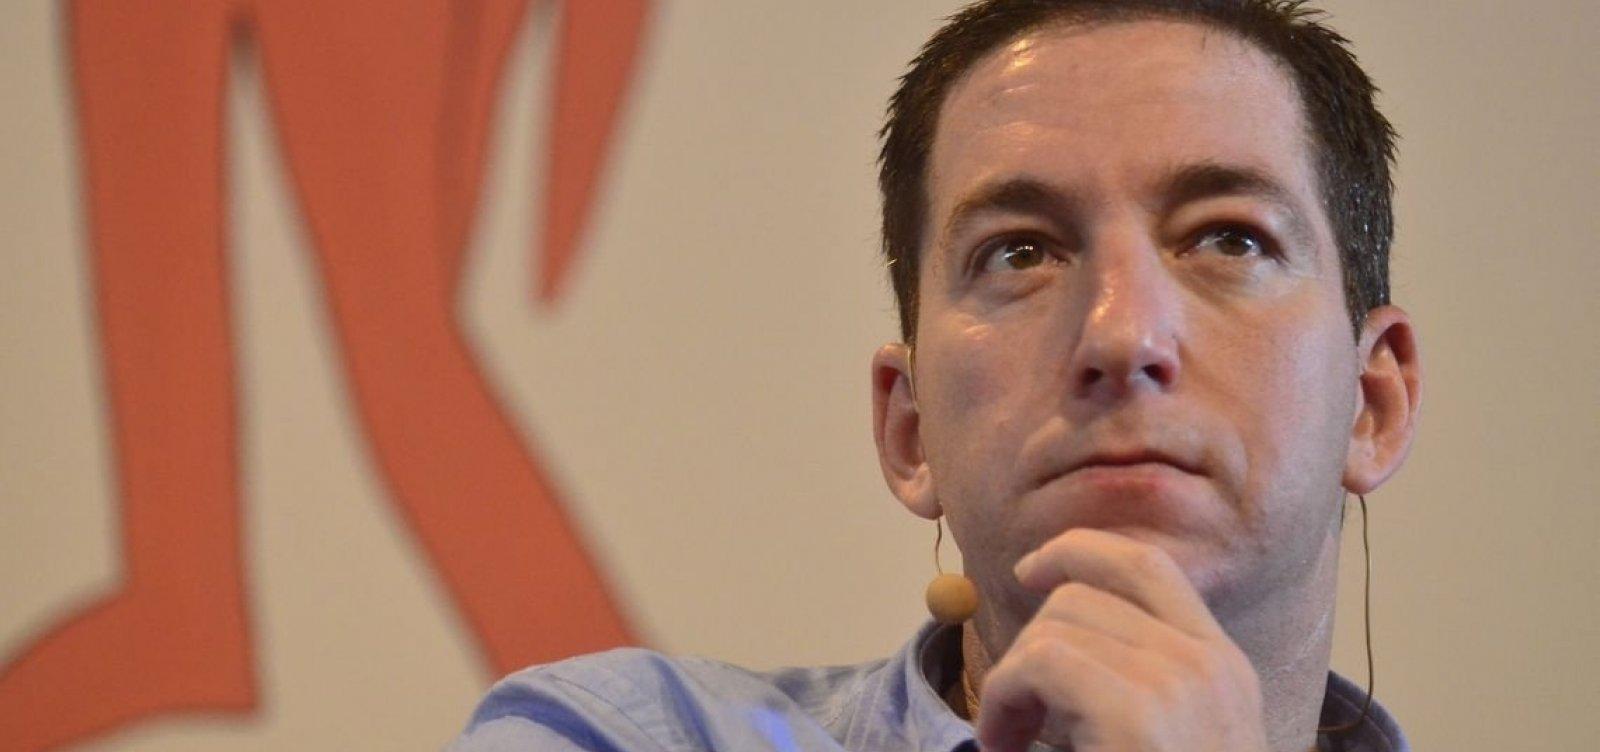 [Associação critica Glenn Greenwald por chamar repórteres de jornal de corruptos]